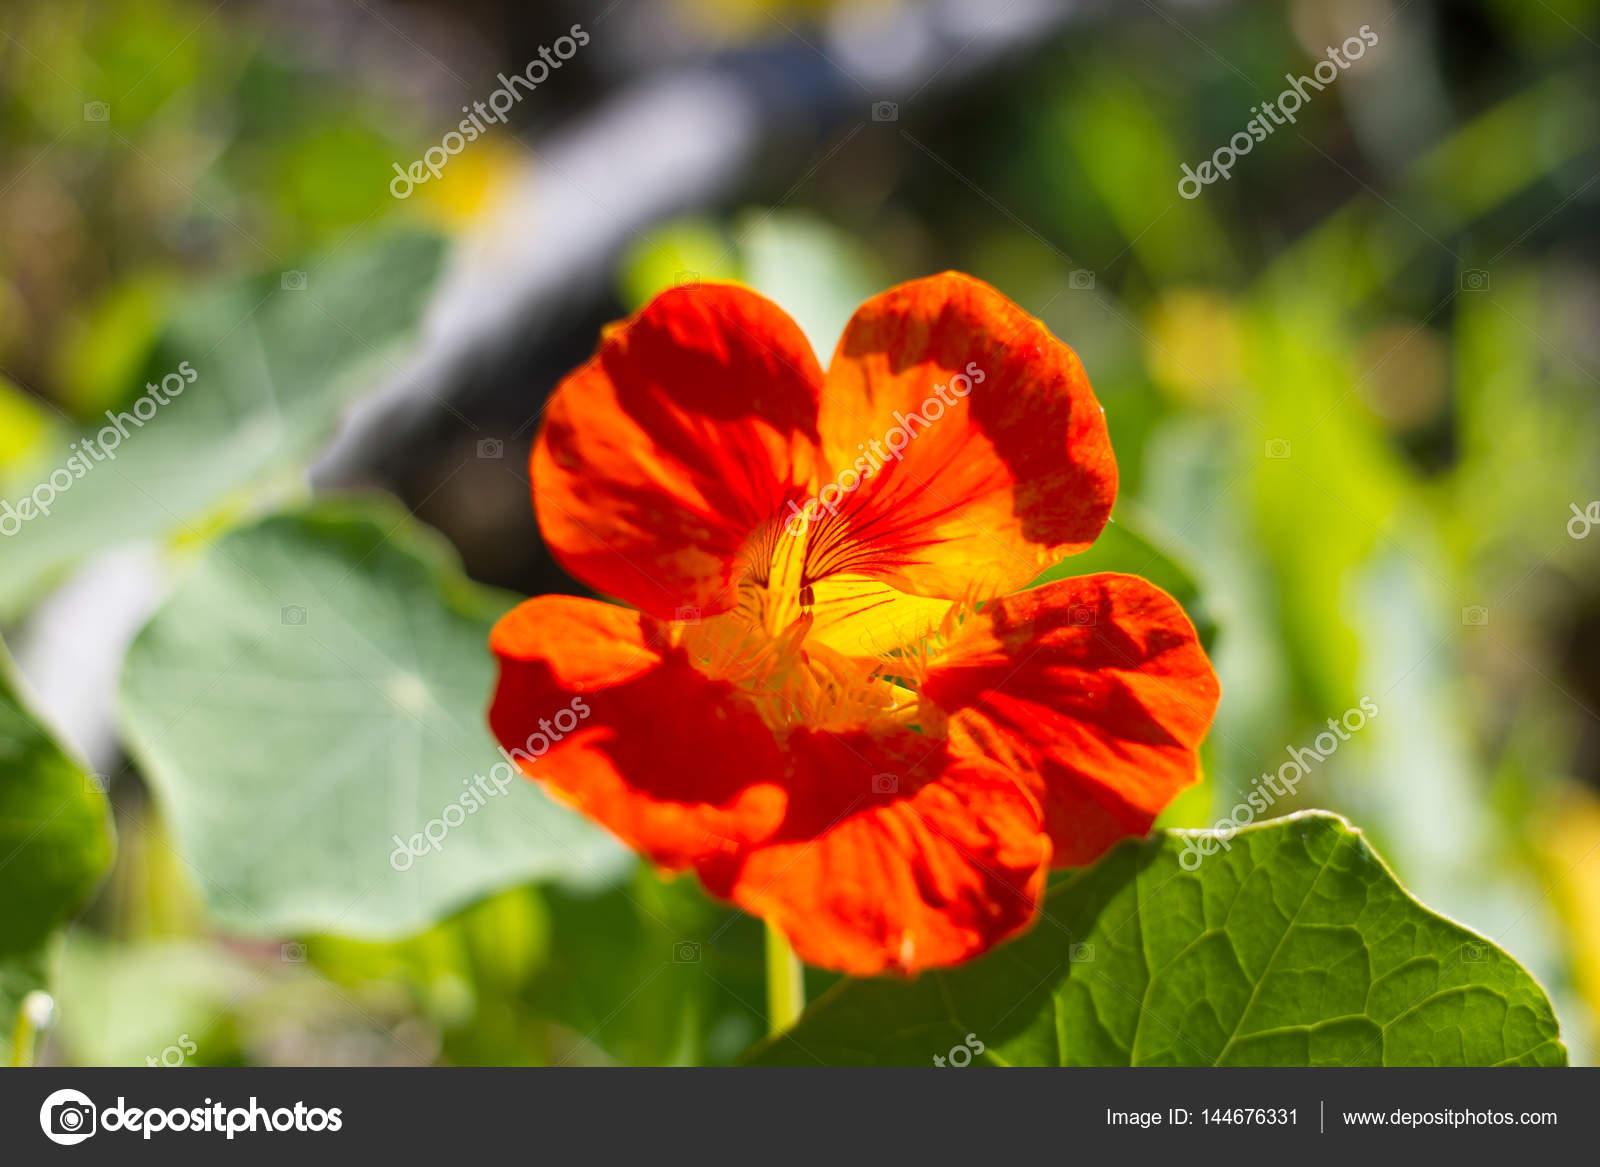 Schone Blume Kapuzinerkresse Blatter Im Garten Auf Der Insel